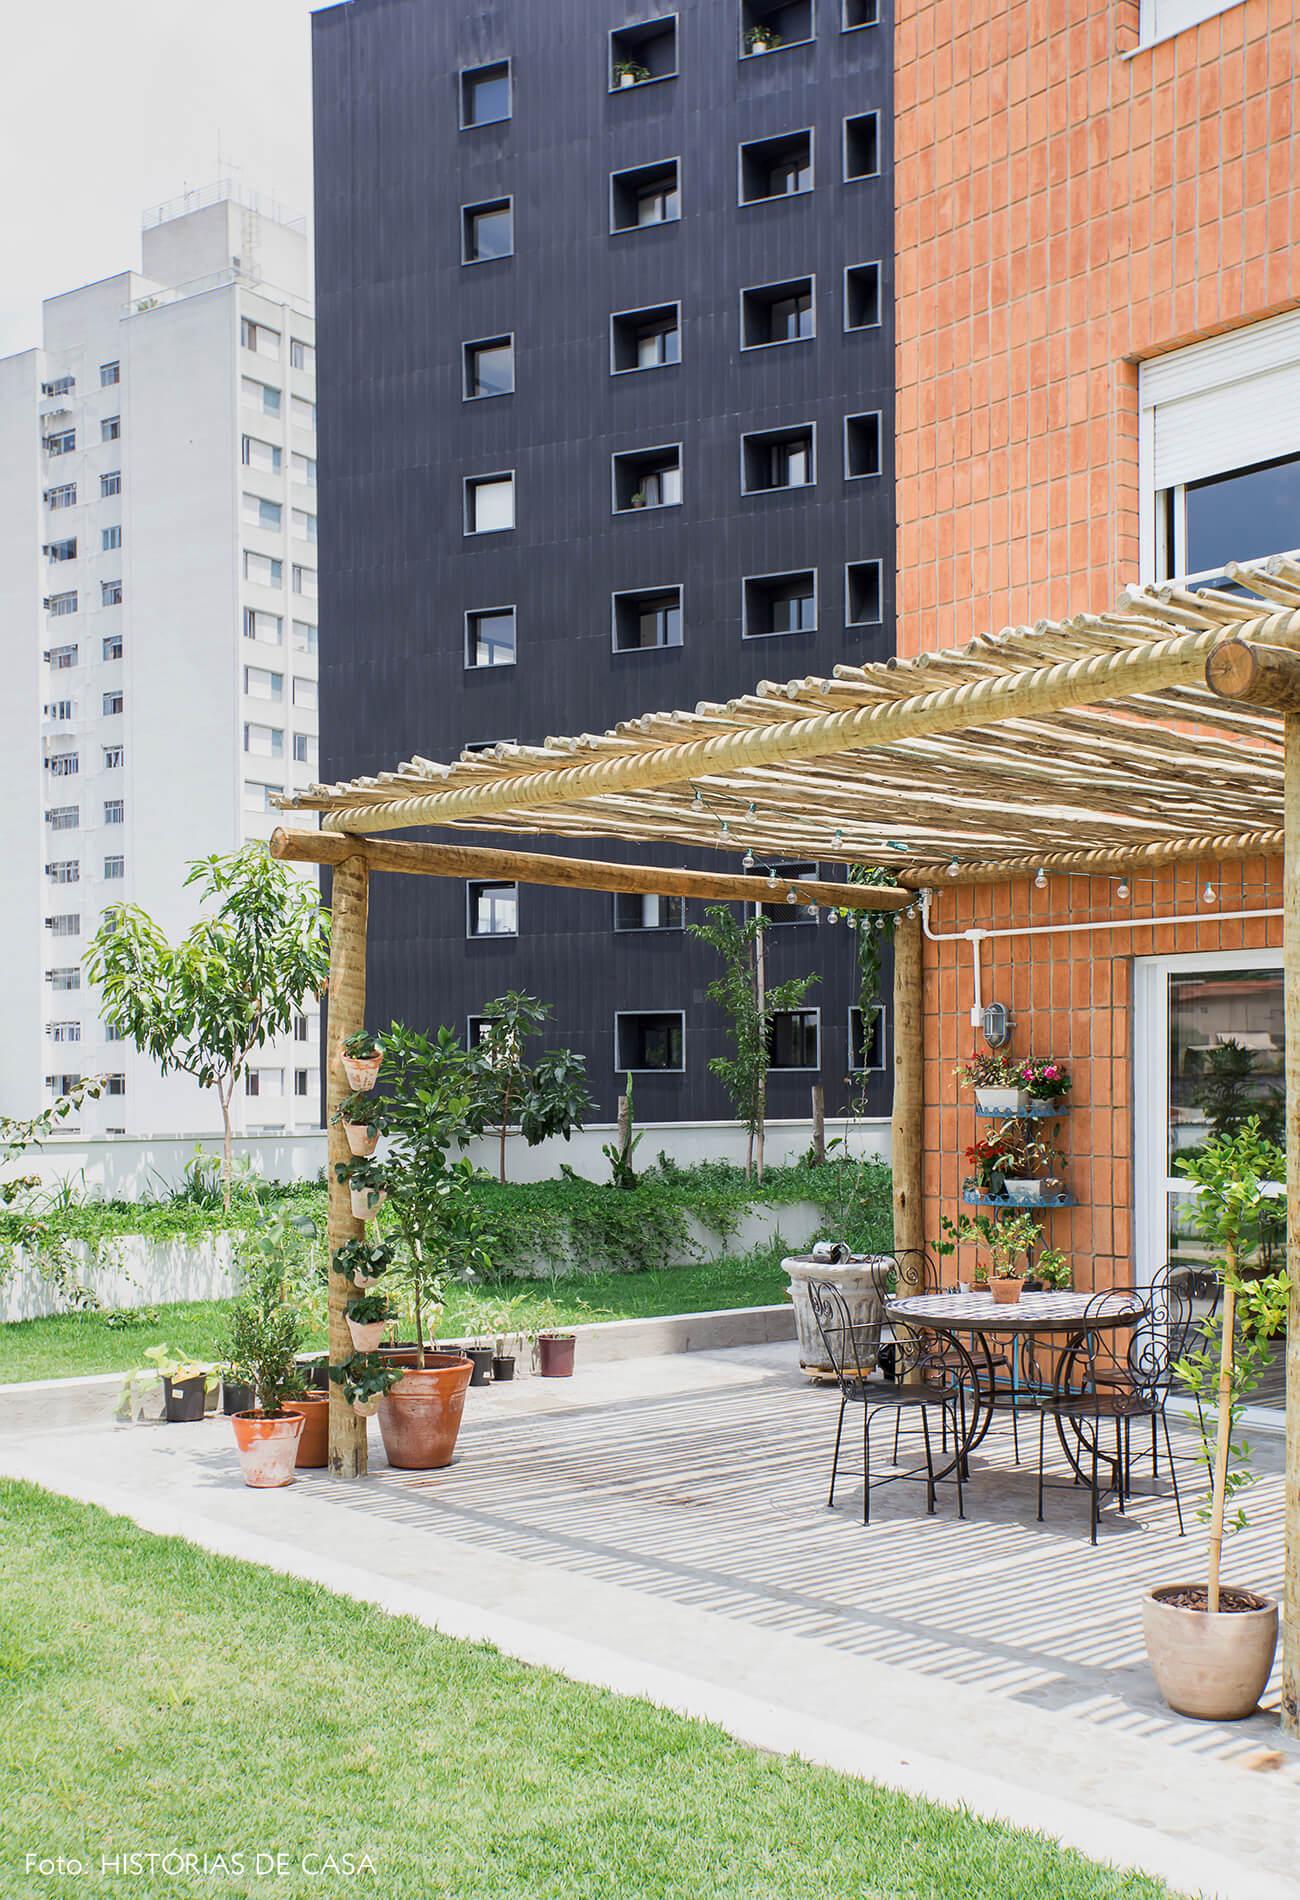 Apartamento térreo com terraço e pergolado de eucalipto